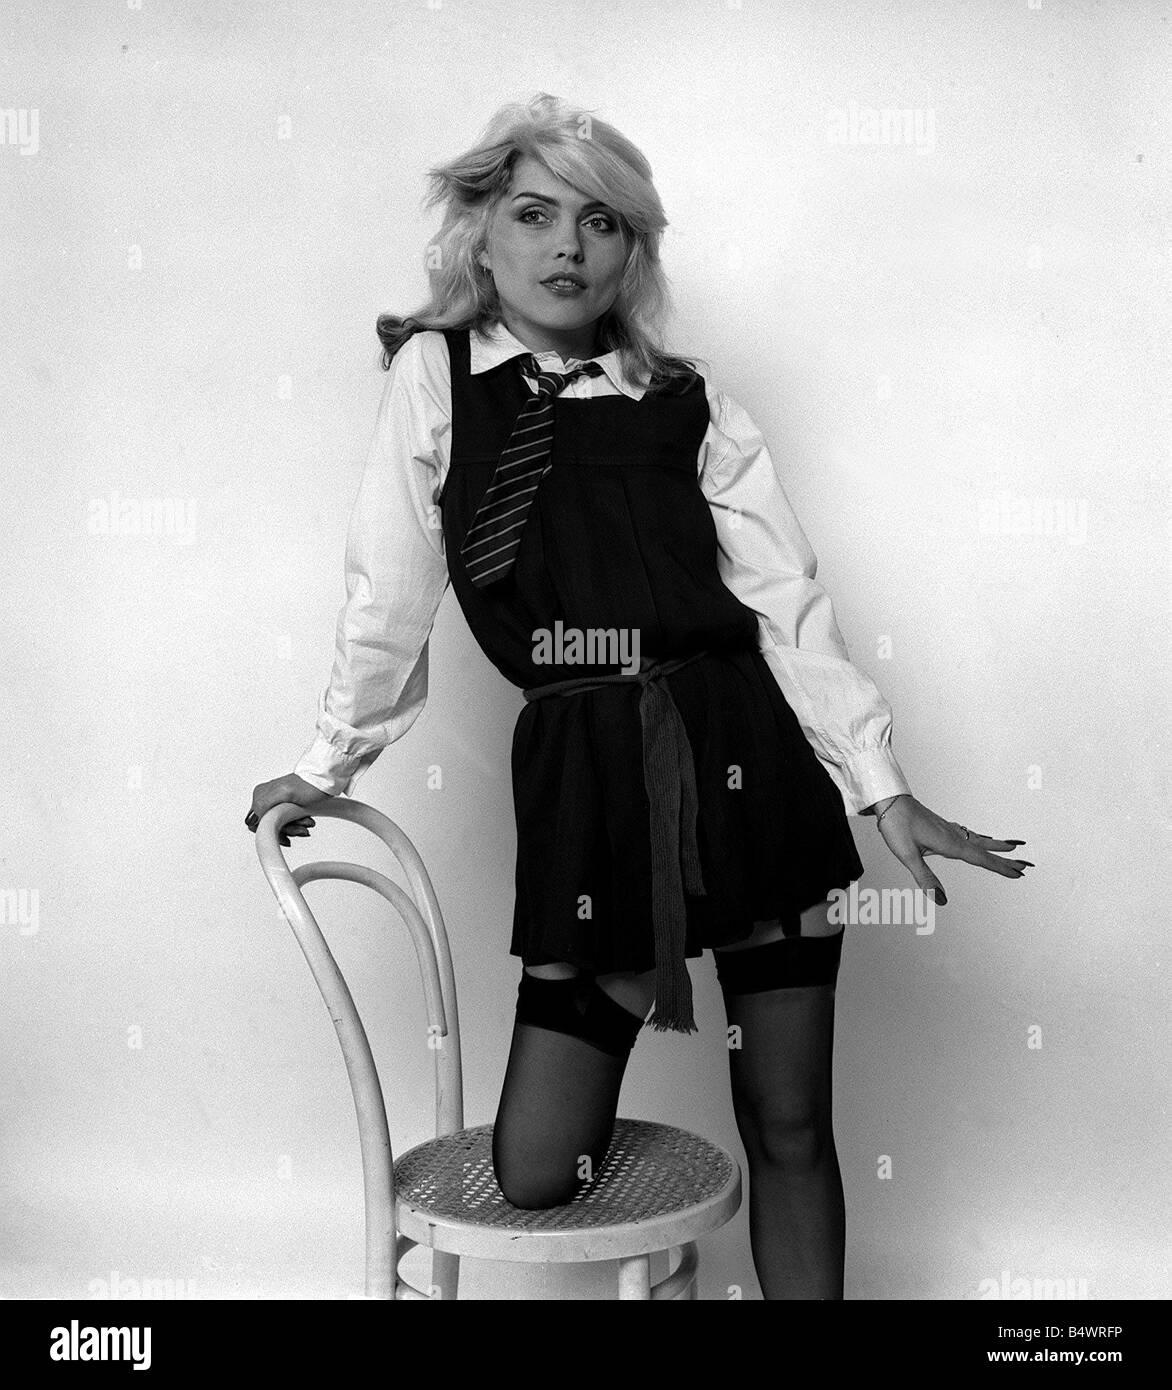 Debbie Harry Blondie singer dressed as a schoolgirl 1978 Stock Photo